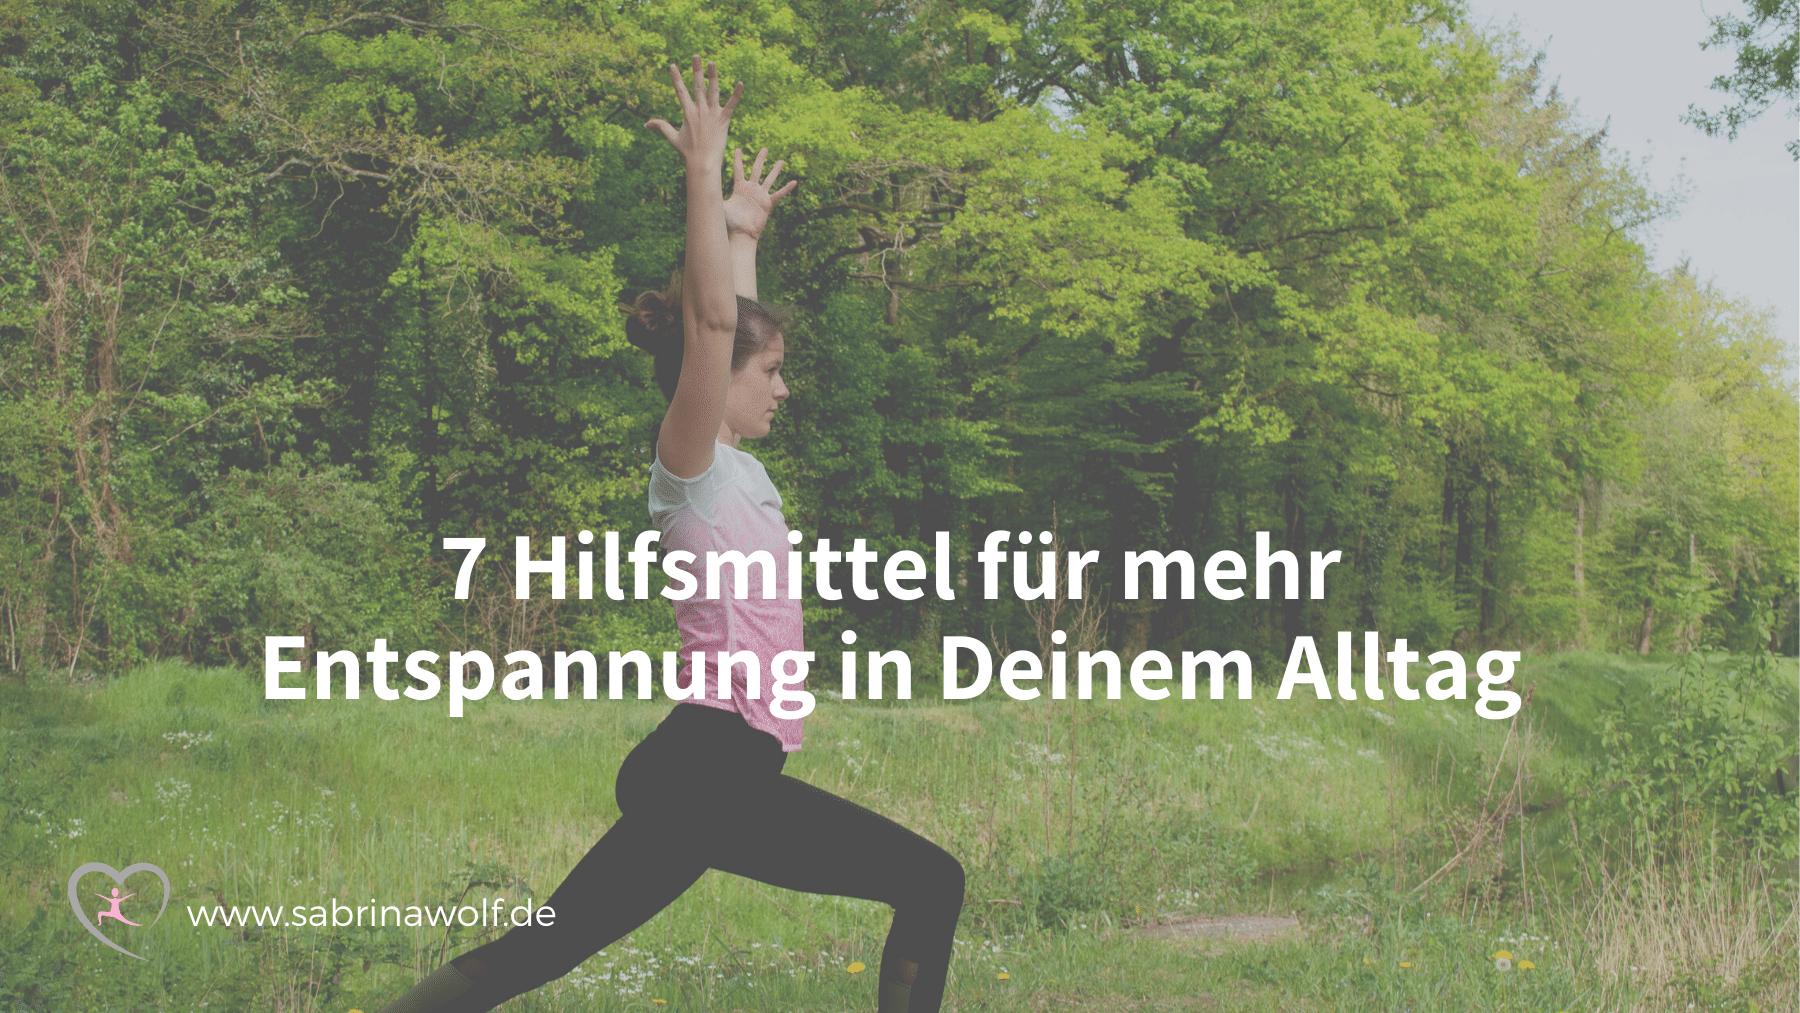 7 Hilfsmittel für mehr Entspannung in Deinem Alltag